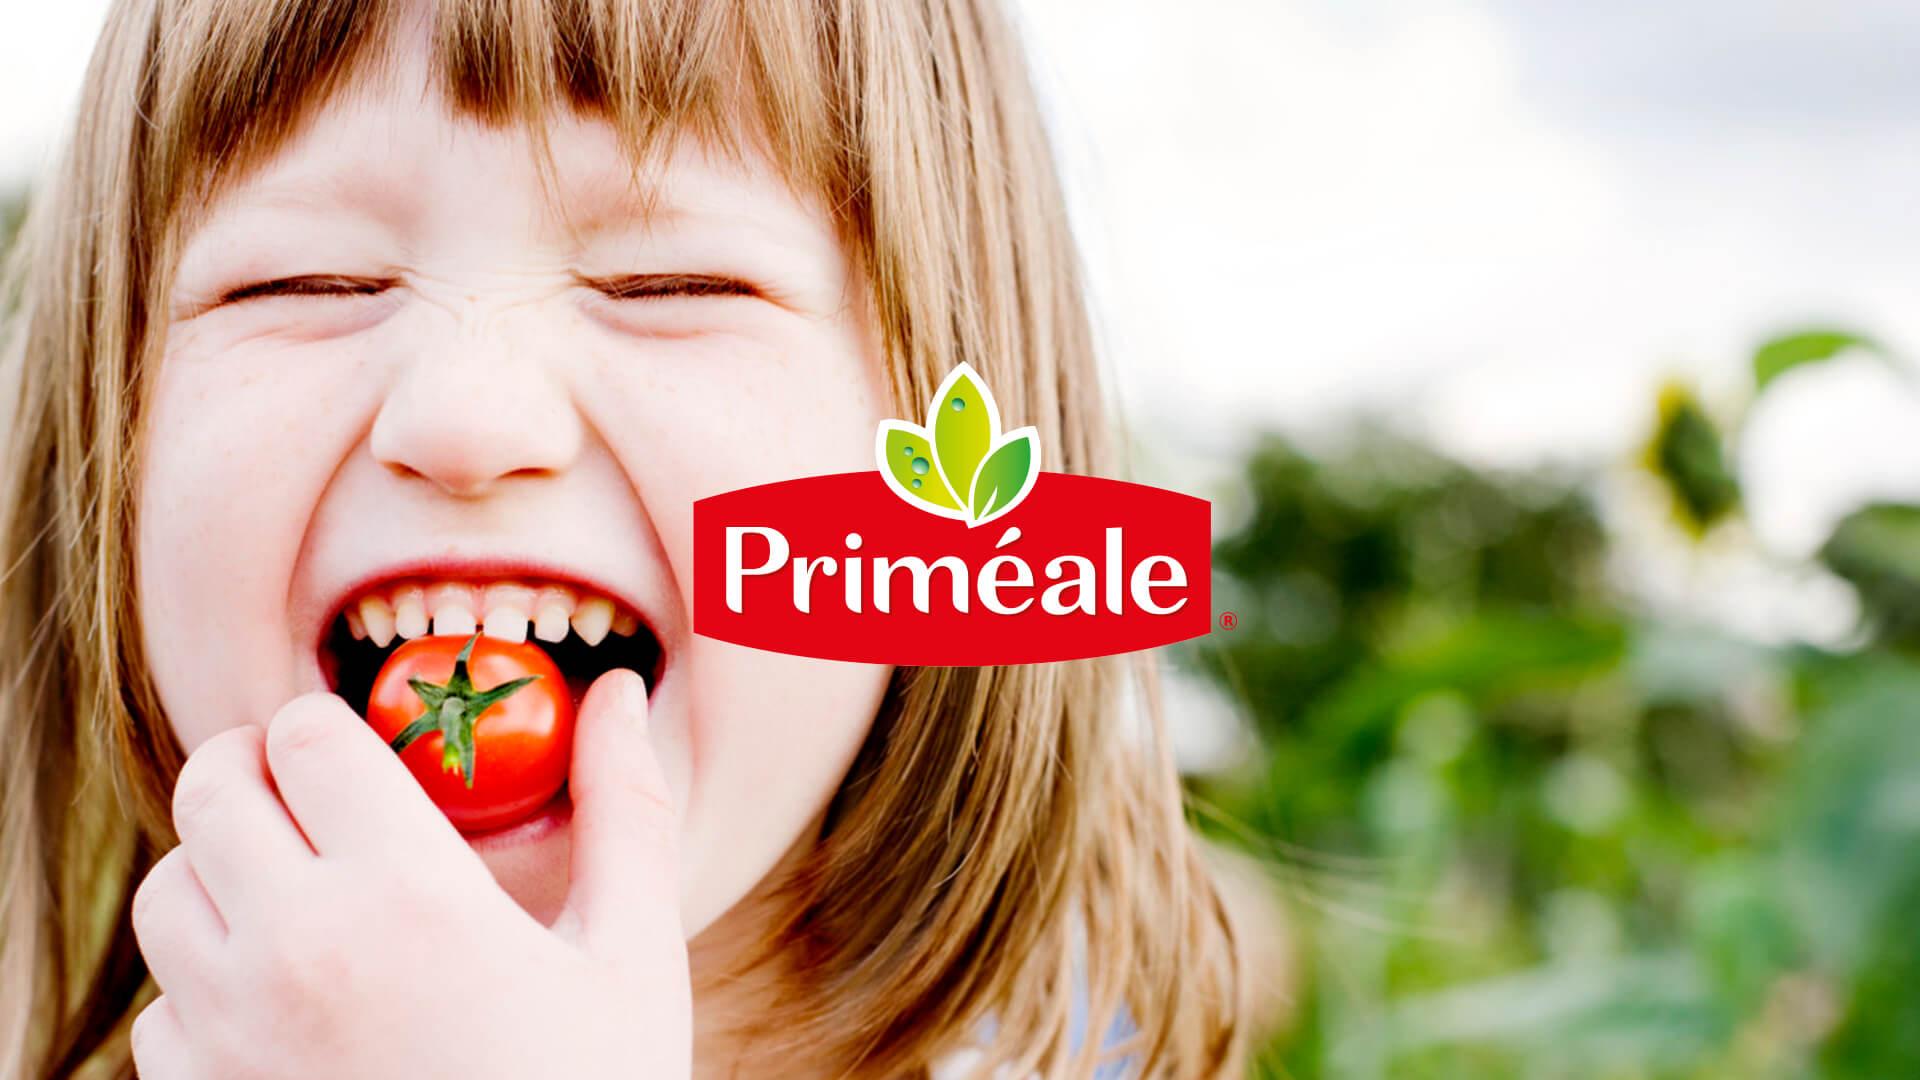 Logotype Primeale website development